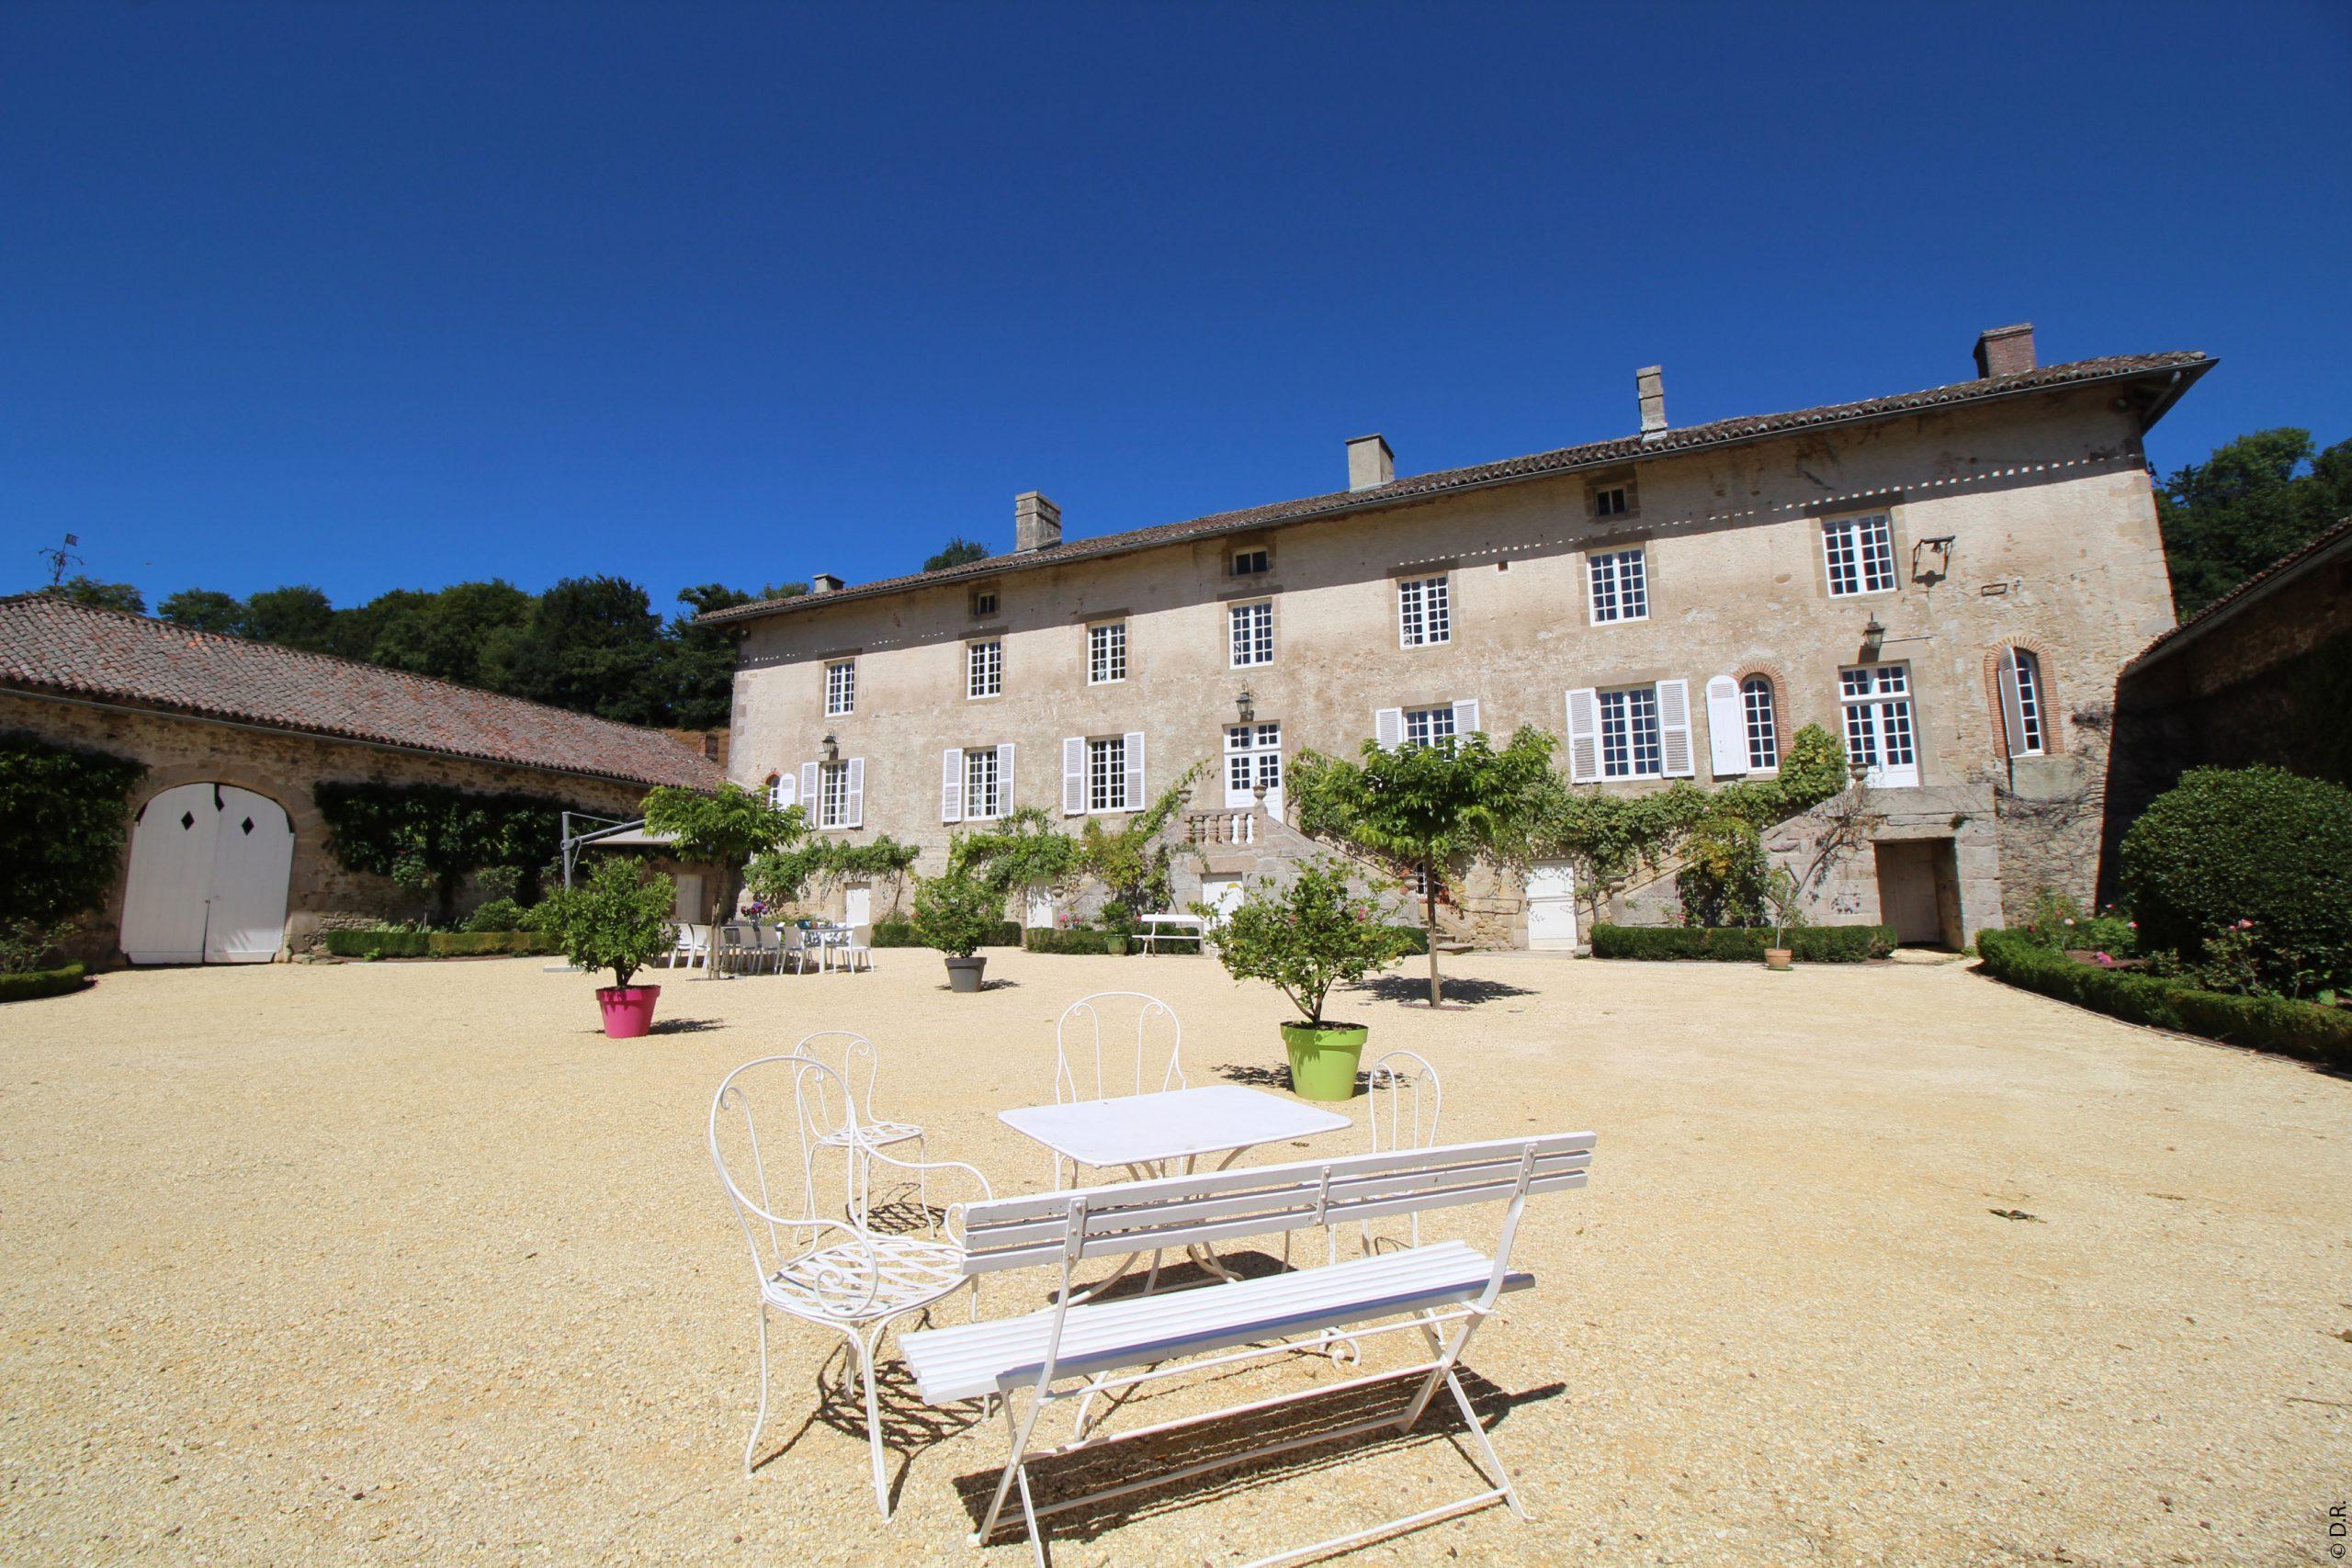 Le charme et l'authenticité du Domaine du Vignau, maison de caractère dans le Limousin